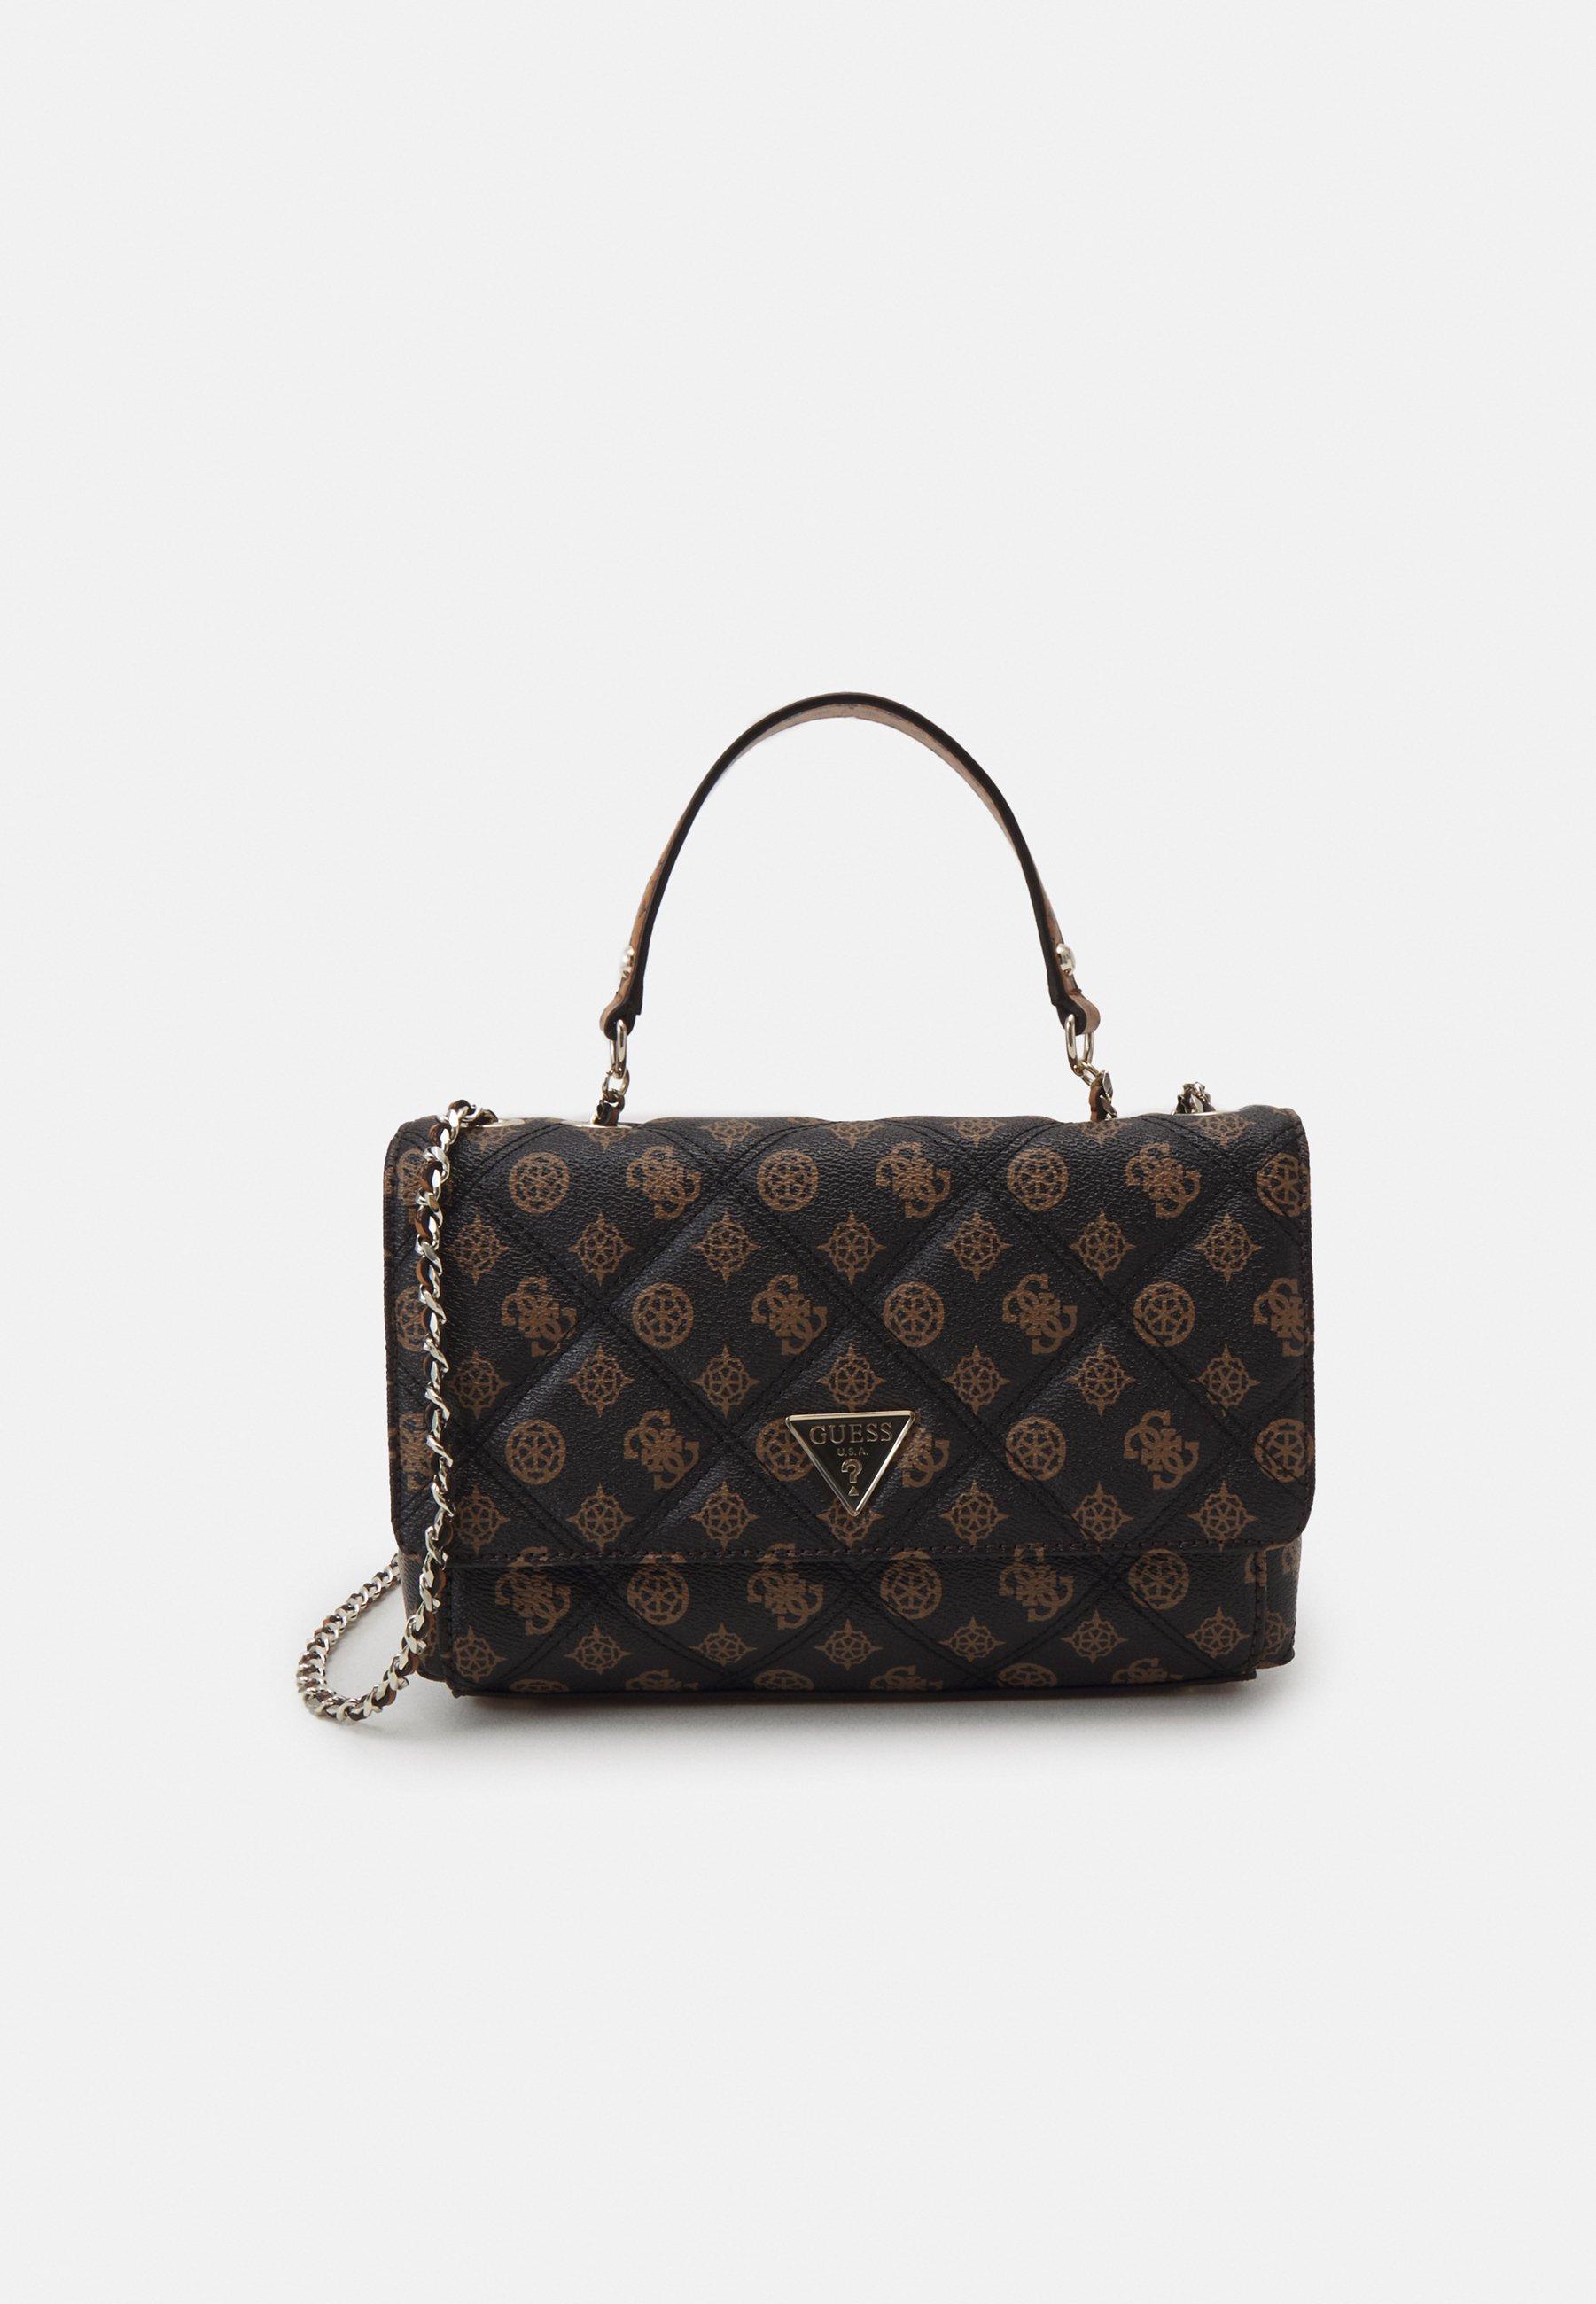 Damen CESSILY CONVERTIBLE BODY FLAP - Handtasche